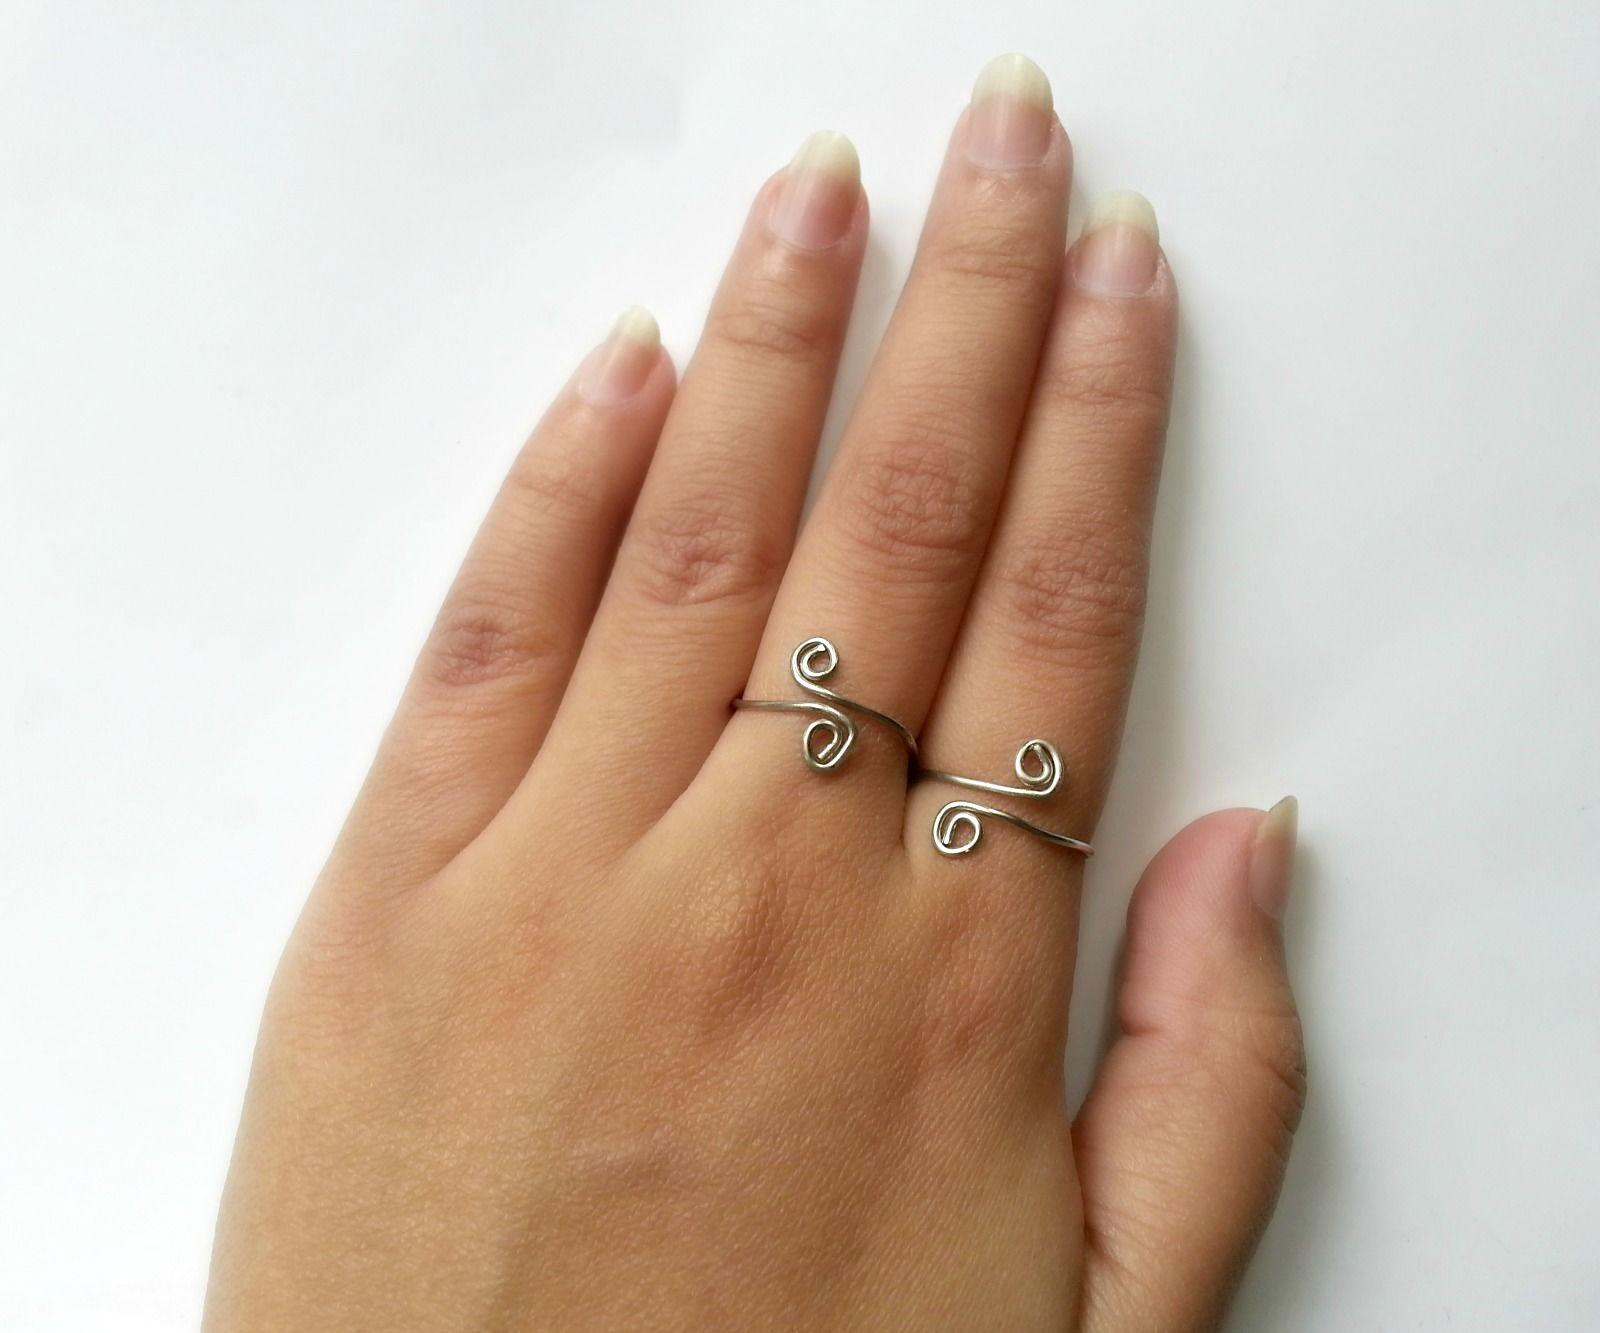 DIY Paperclip Ring